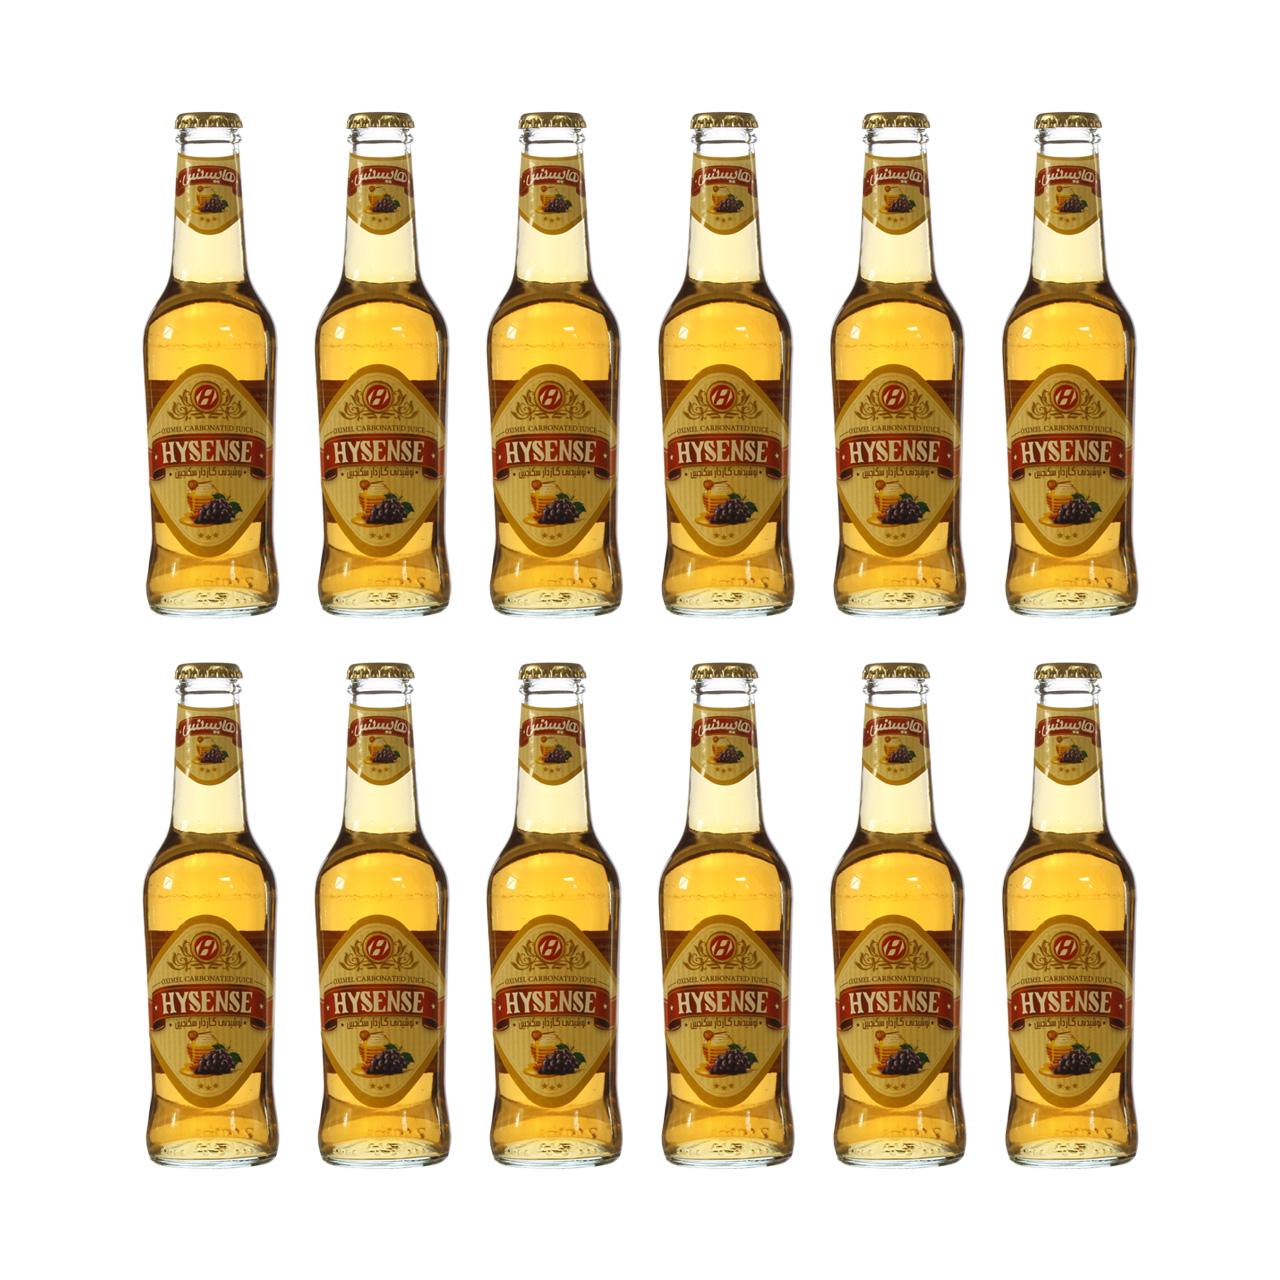 نوشیدنی سکنجبین هایسنس  - 280 میلی لیتر بسته  12عددی